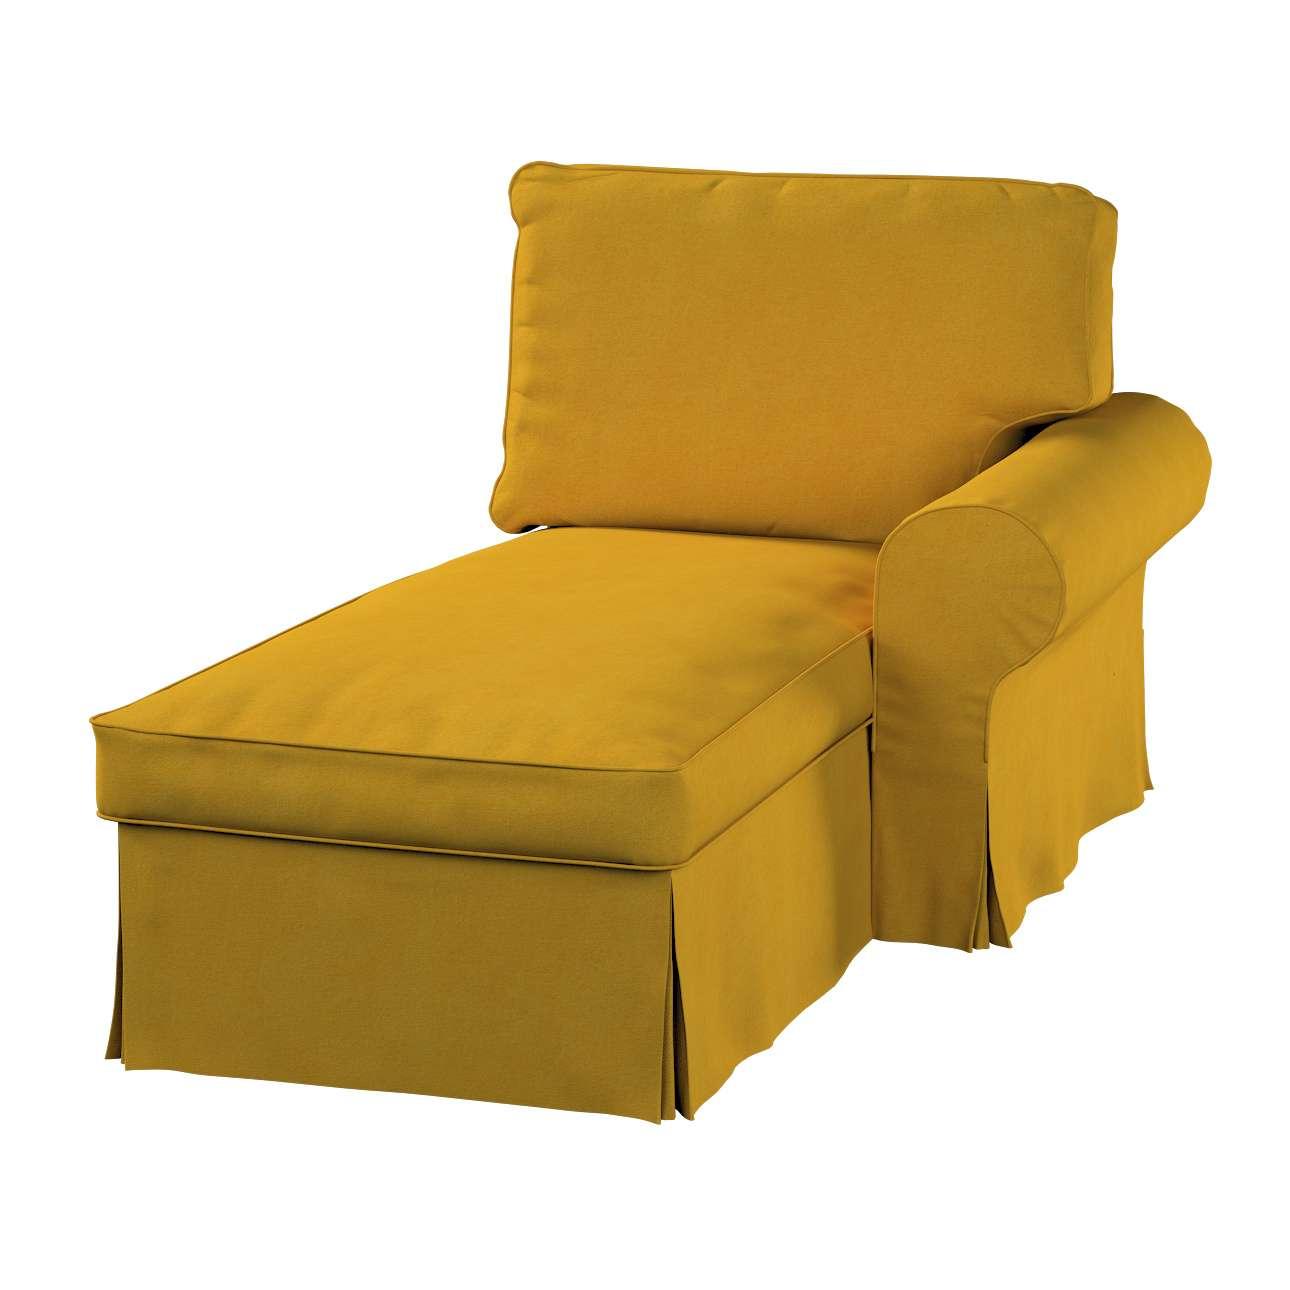 Ektorp gulimajo krėslo užvalkalas  (su porankiu, dešiniojo) Ektorp gulimojo krėslo užvalkalas su porankiu (dešiniojo) kolekcijoje Etna , audinys: 705-04